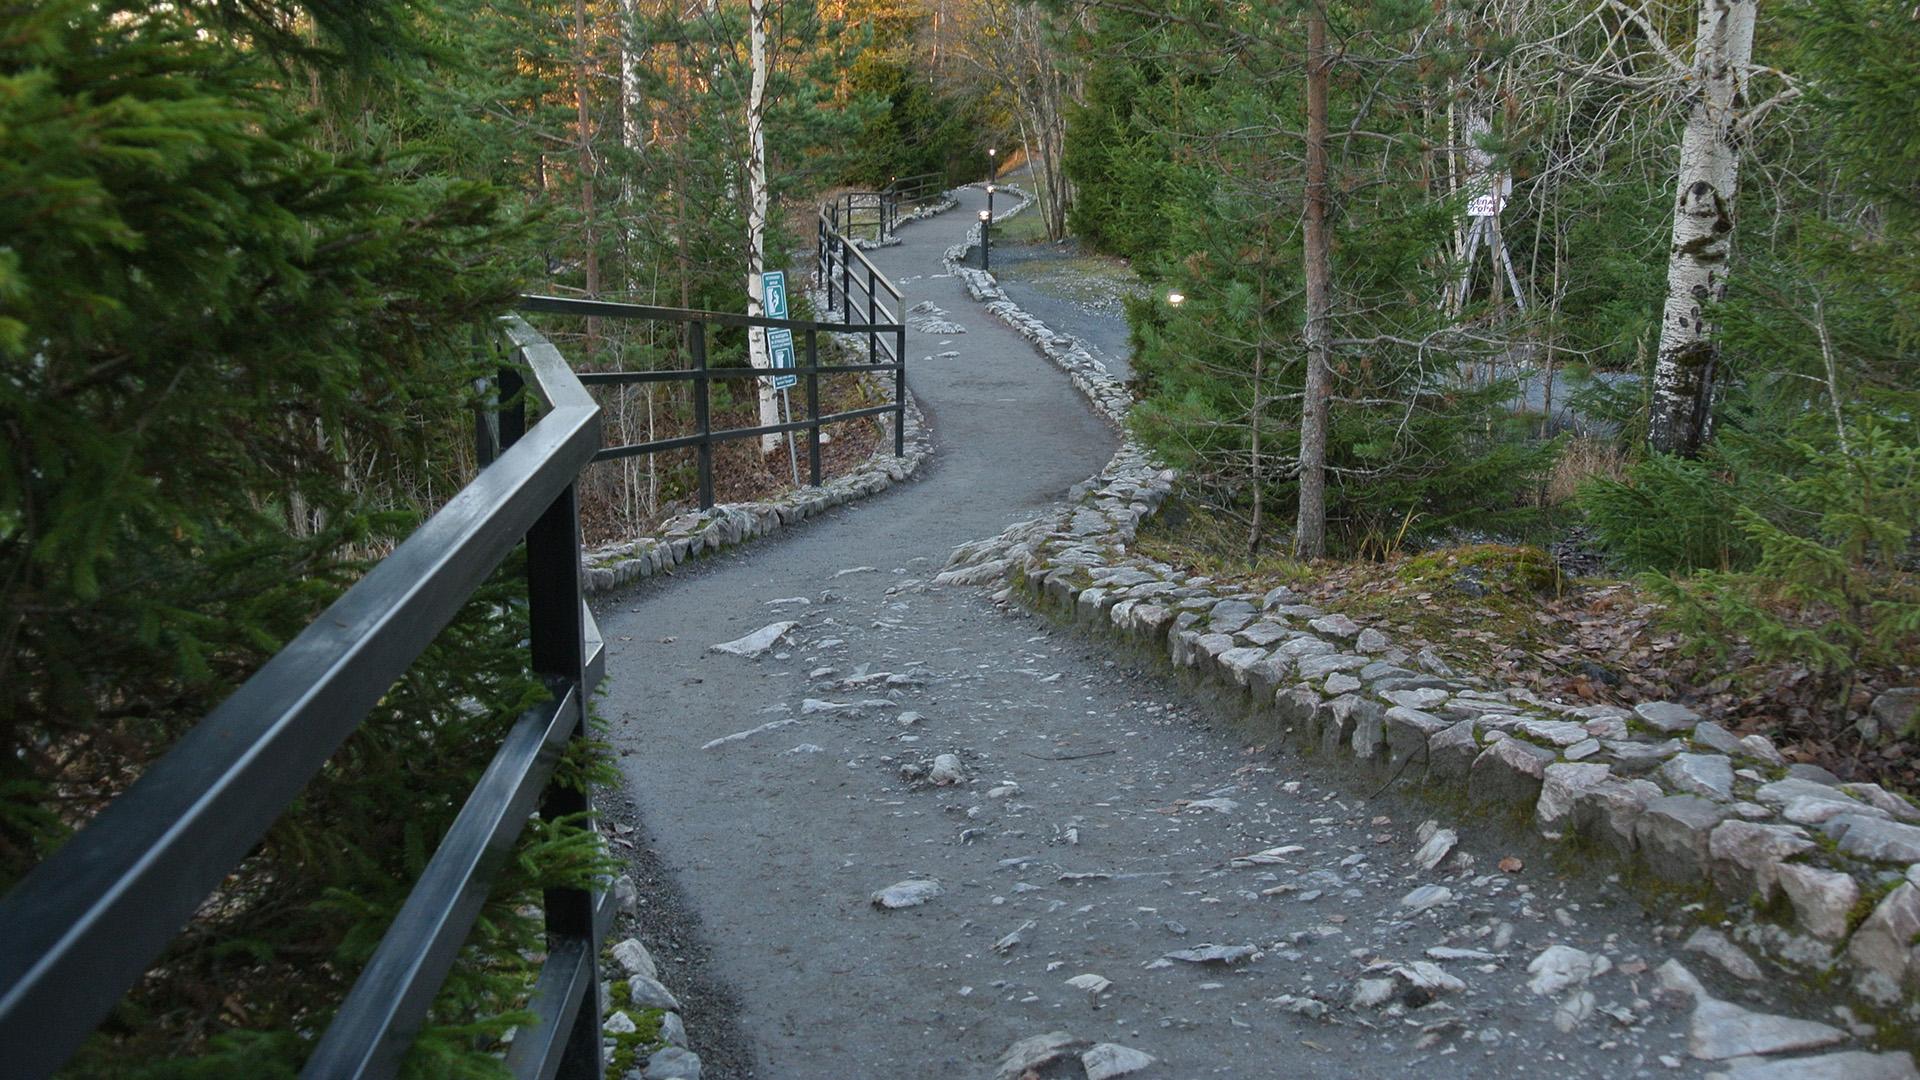 На тропе в парке Рускеала много камней, будьте аккуратнее с детскими колясками